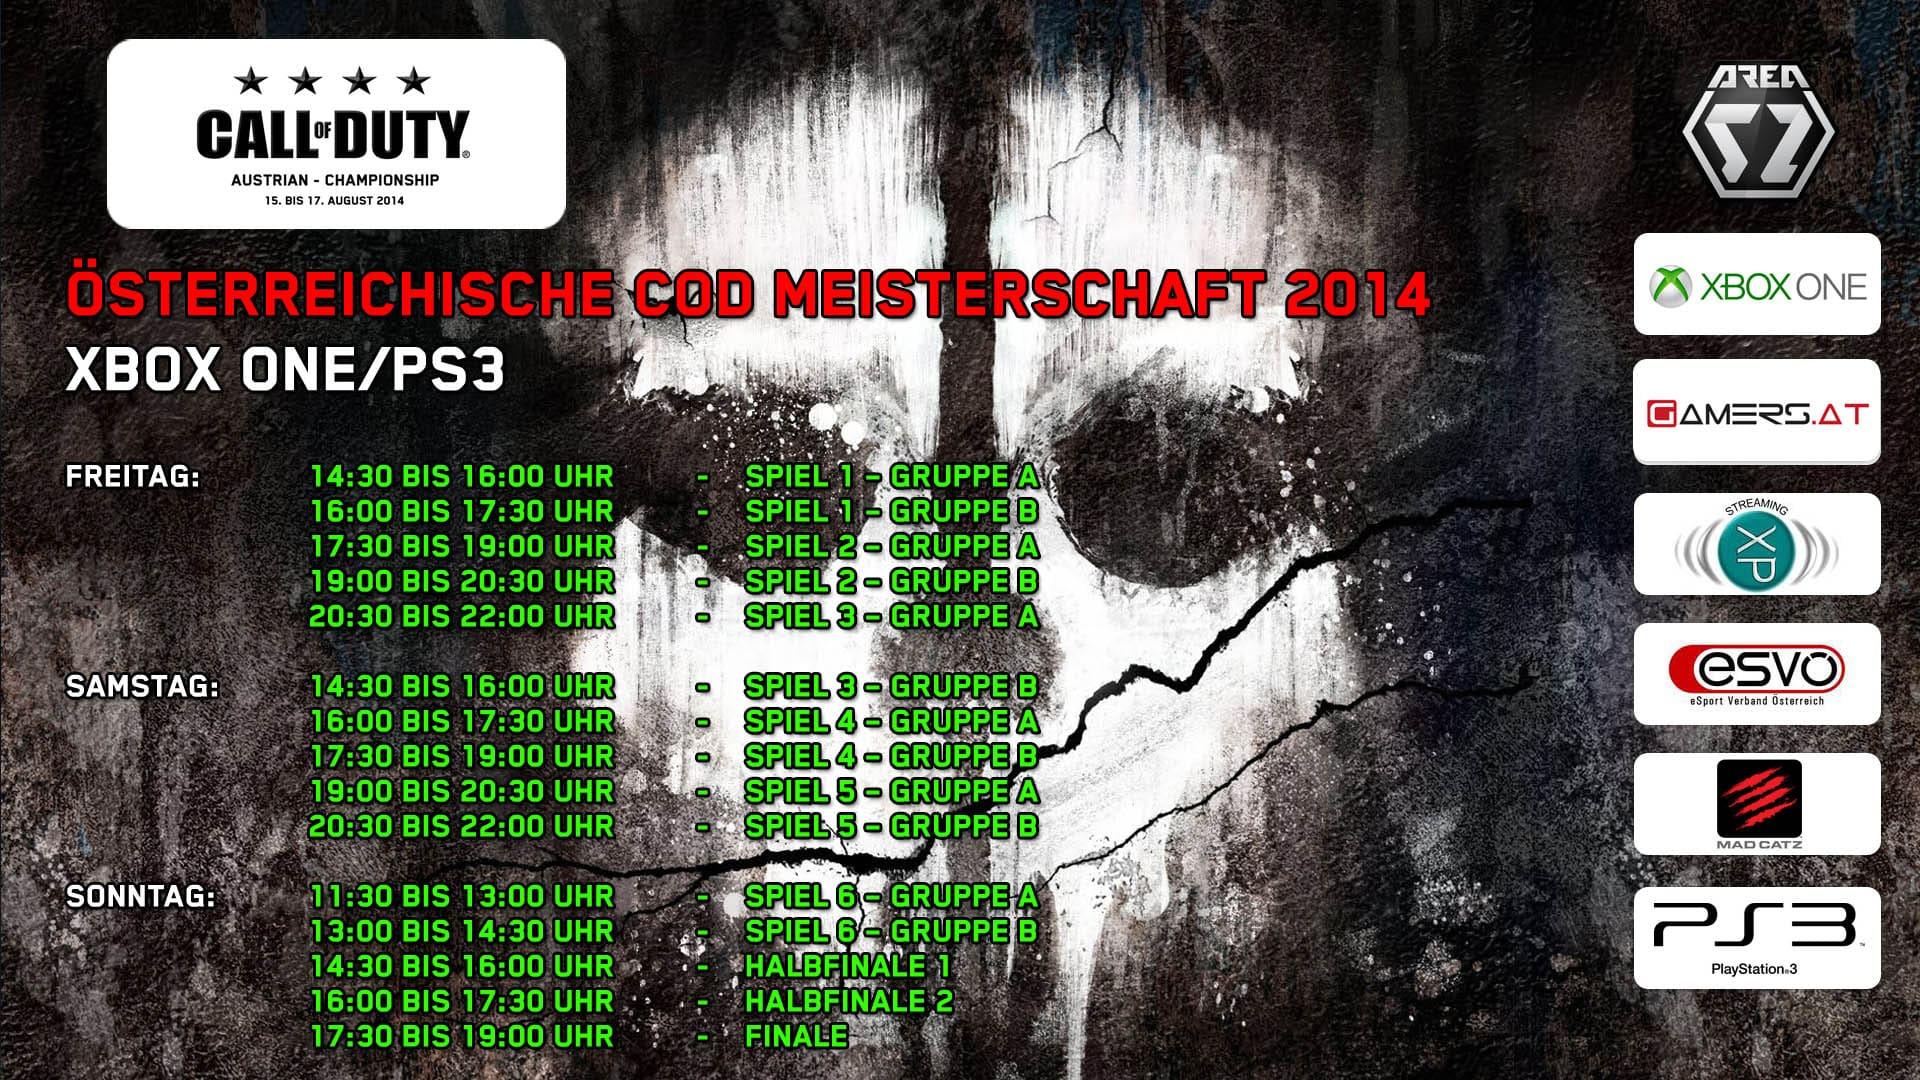 Austrian_Championship_CoD_One_PS3_Zeitplan_klein_gamers